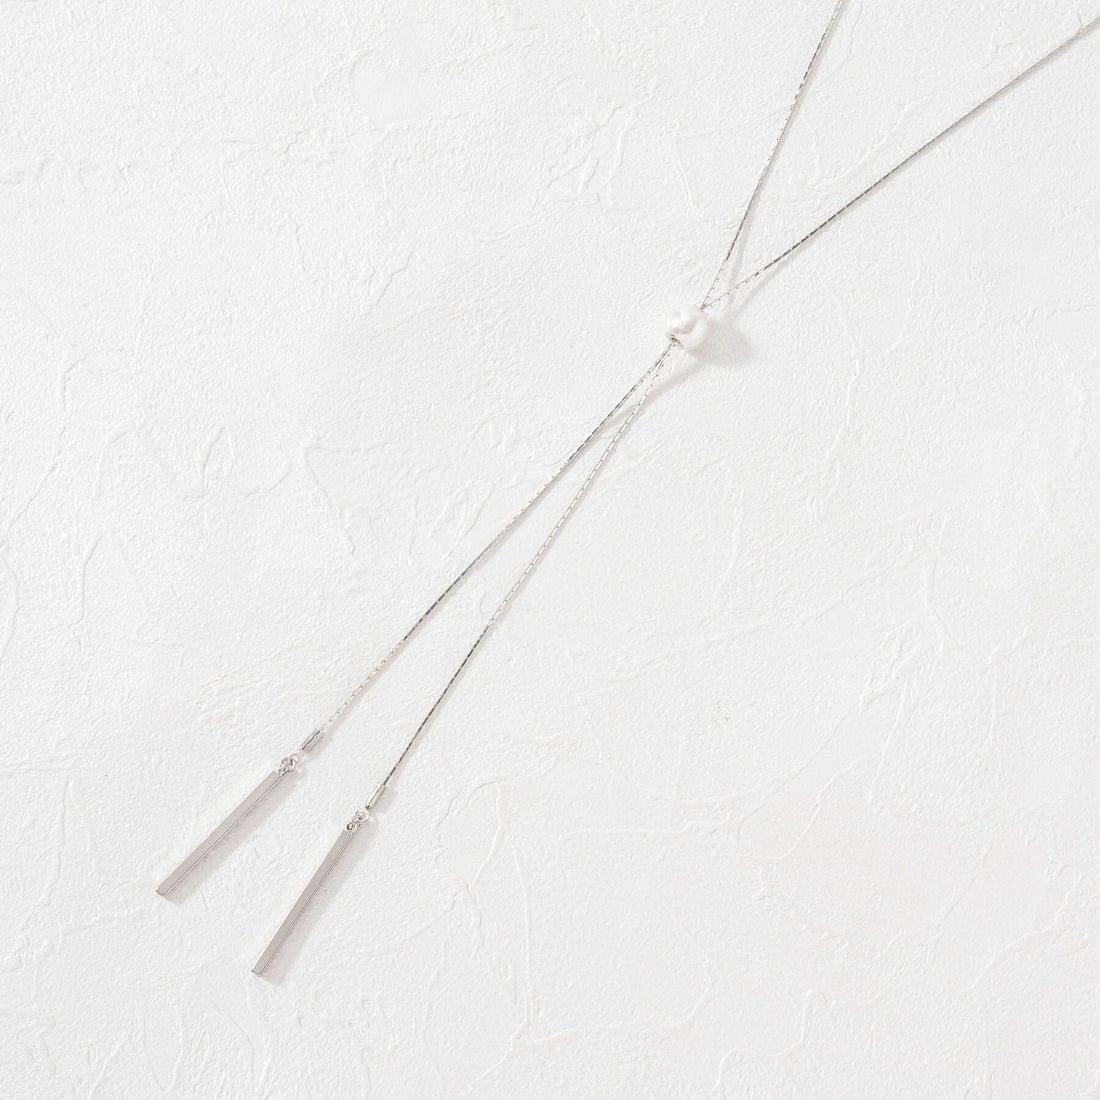 クチュール ブローチ Couture brooch パール調アジャストラリエットネックレス (シルバー)